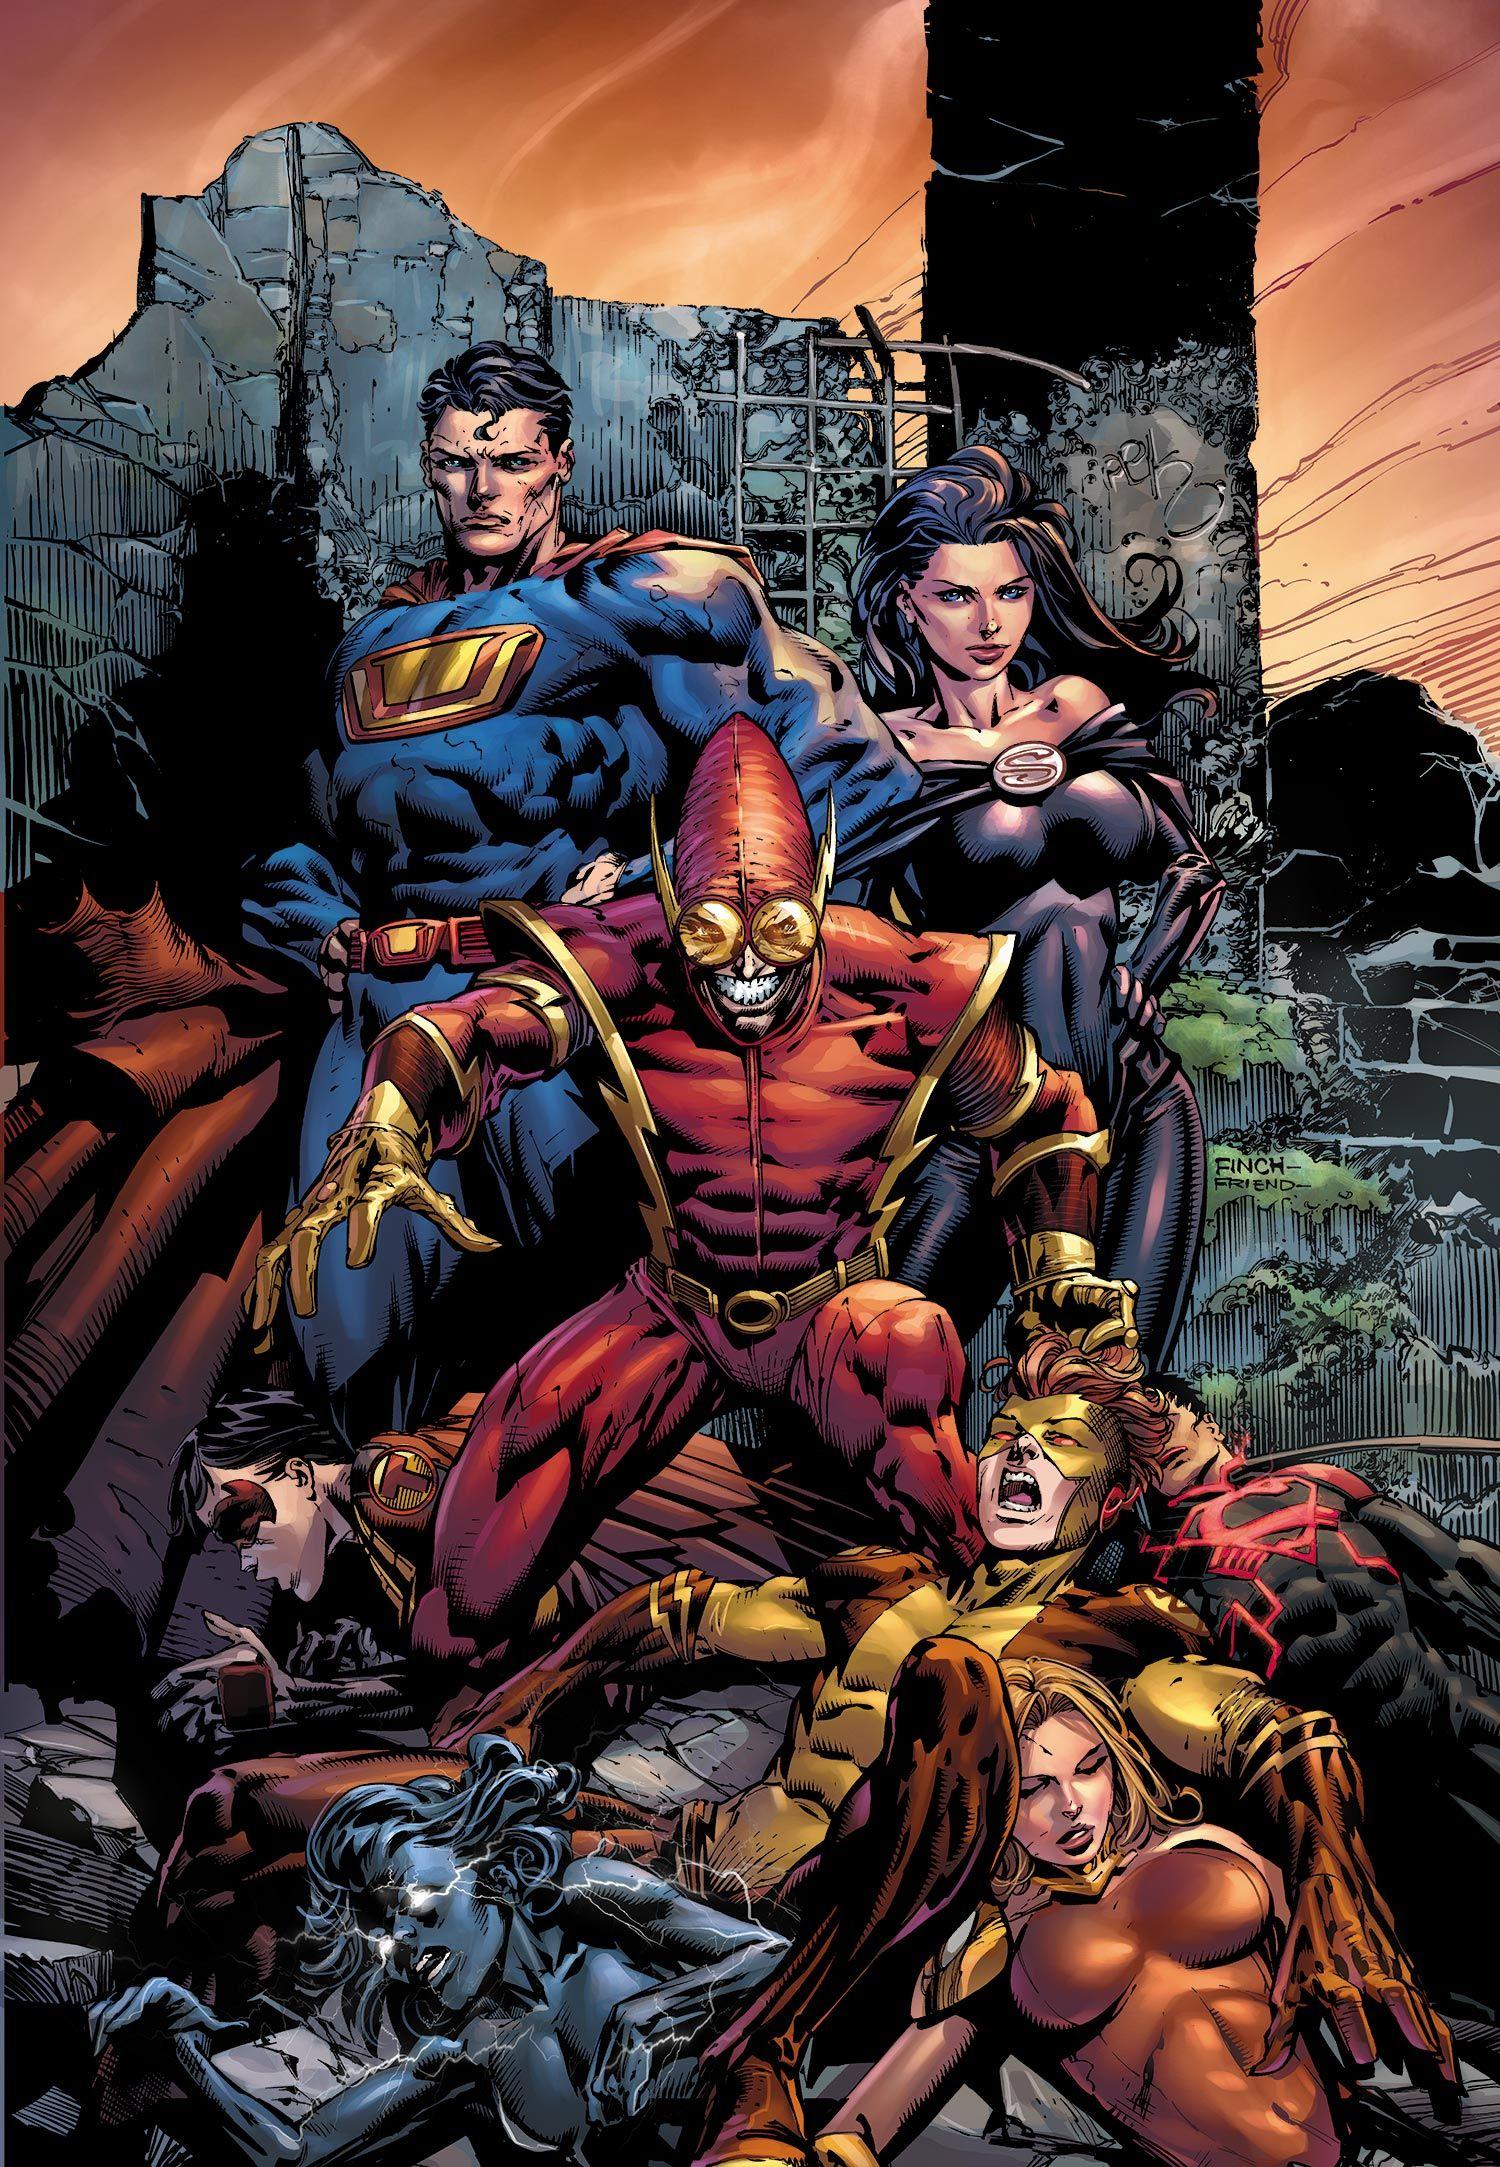 """#DC #Forever #Evil #Fan #Art. (Forever Evil. """"Rats"""" Vol.1#2 Cover) By: David Finch & Richard Friend & Sonia Oback. ÅWESOMENESS!!!™ ÅÅÅ+"""